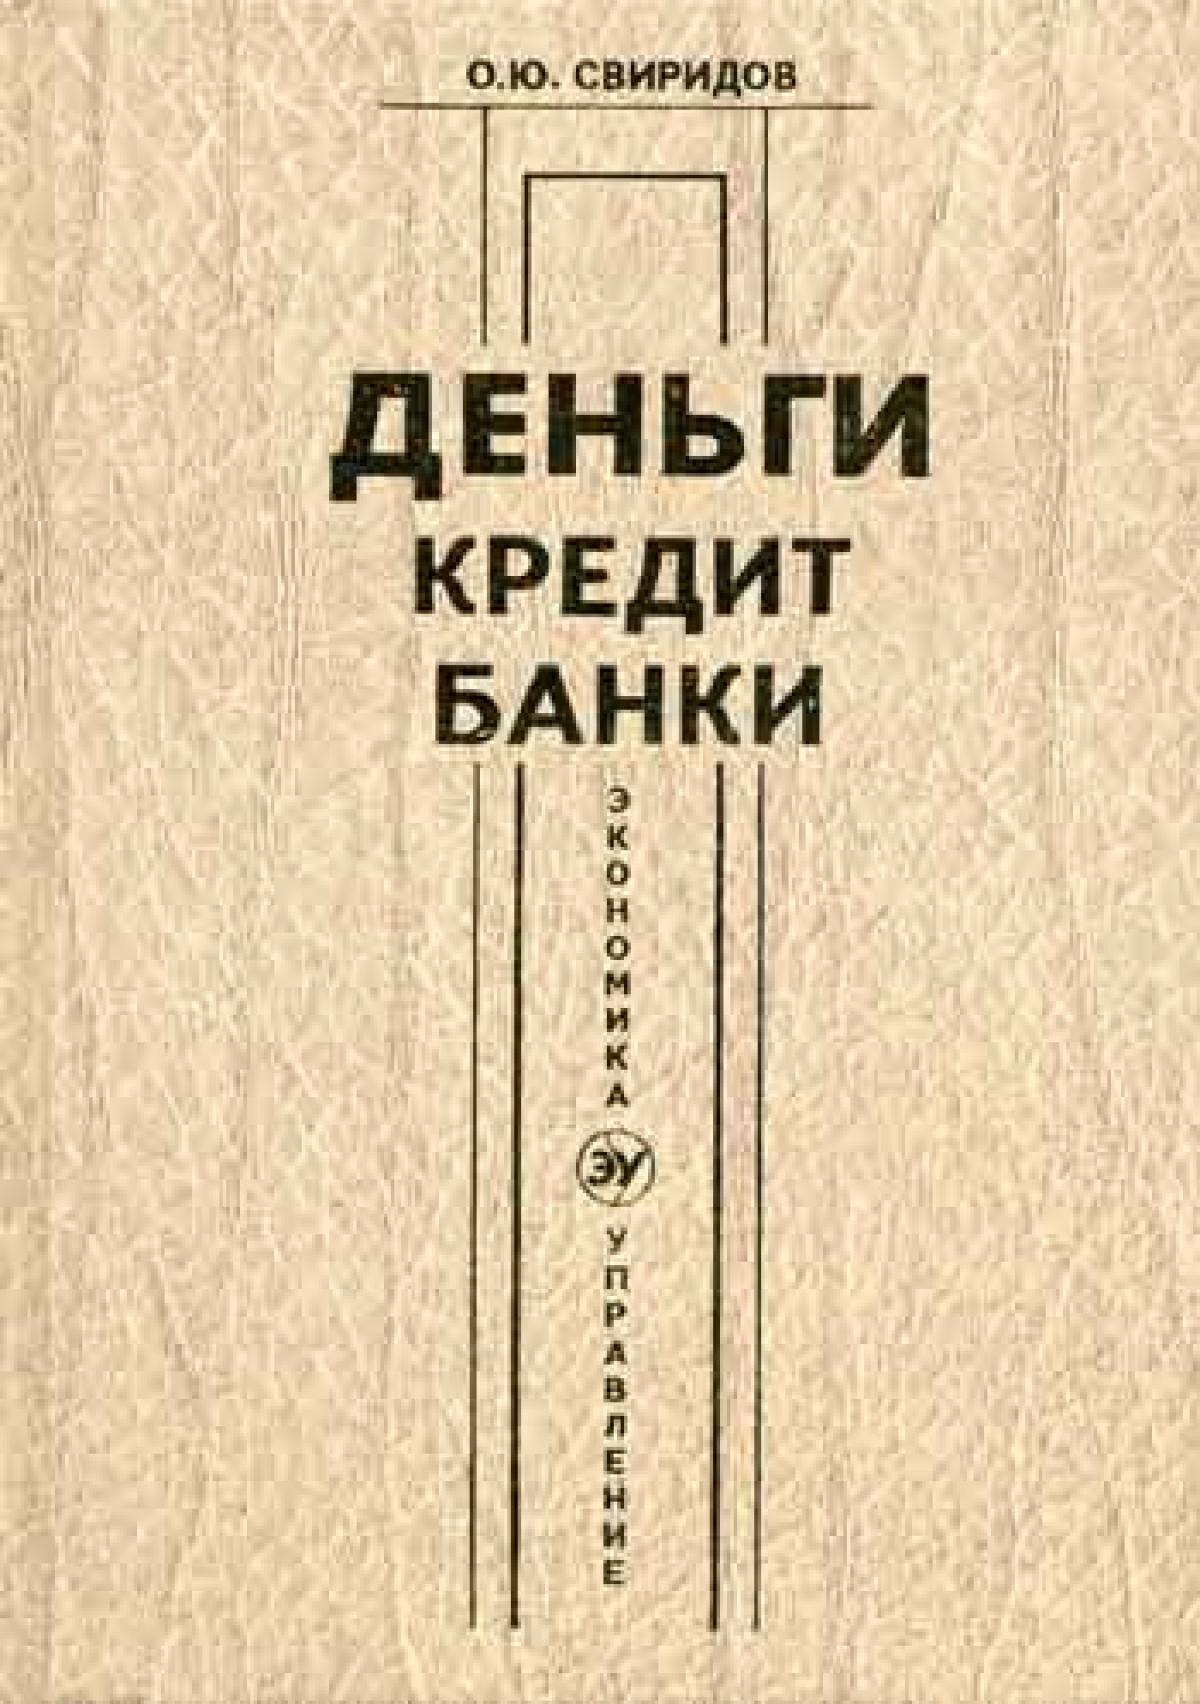 Обложка книги:  о.ю. свиридов - деньги, кредит, банки